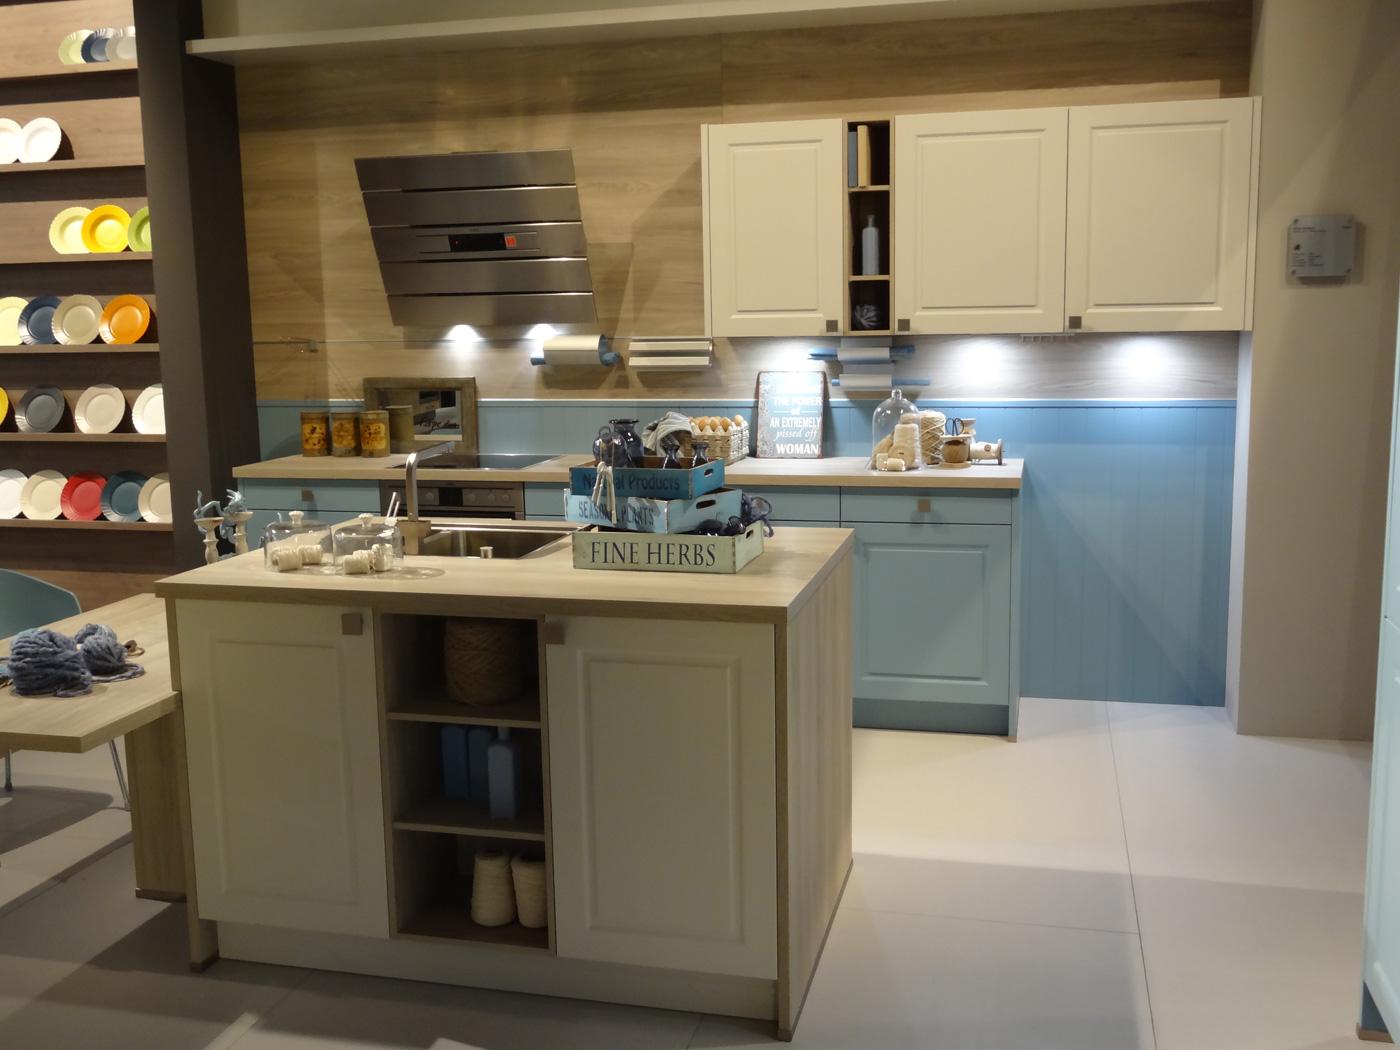 Fantastisch Pantry Küche Auf Einem Budget Fotos - Küchen Design ...